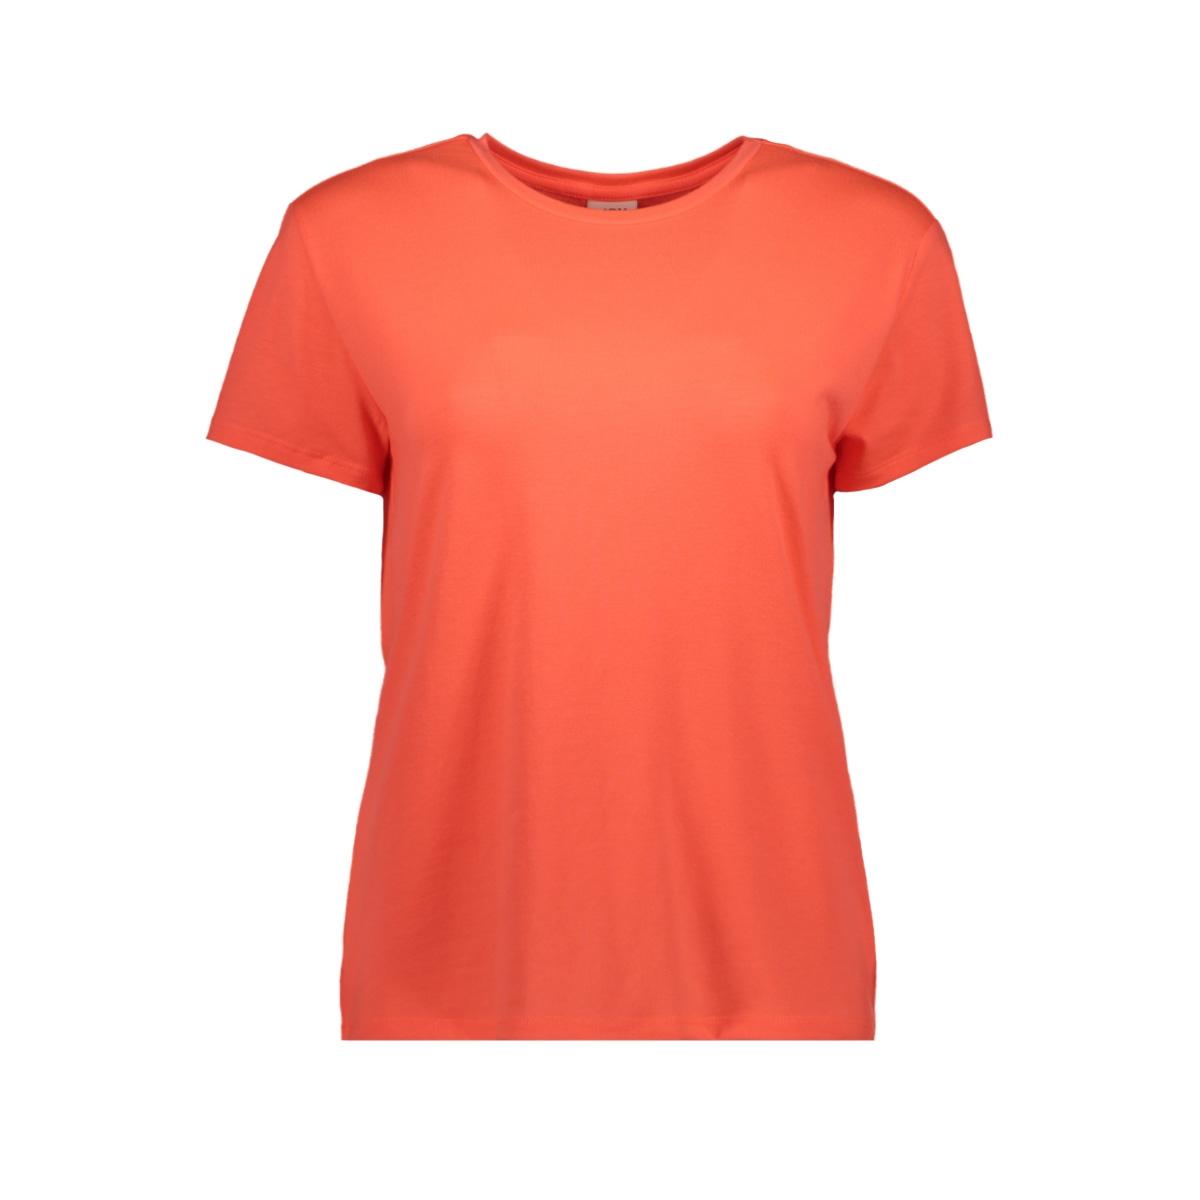 jdyniki s/s top jrs exp 15197546 jacqueline de yong t-shirt neon peach